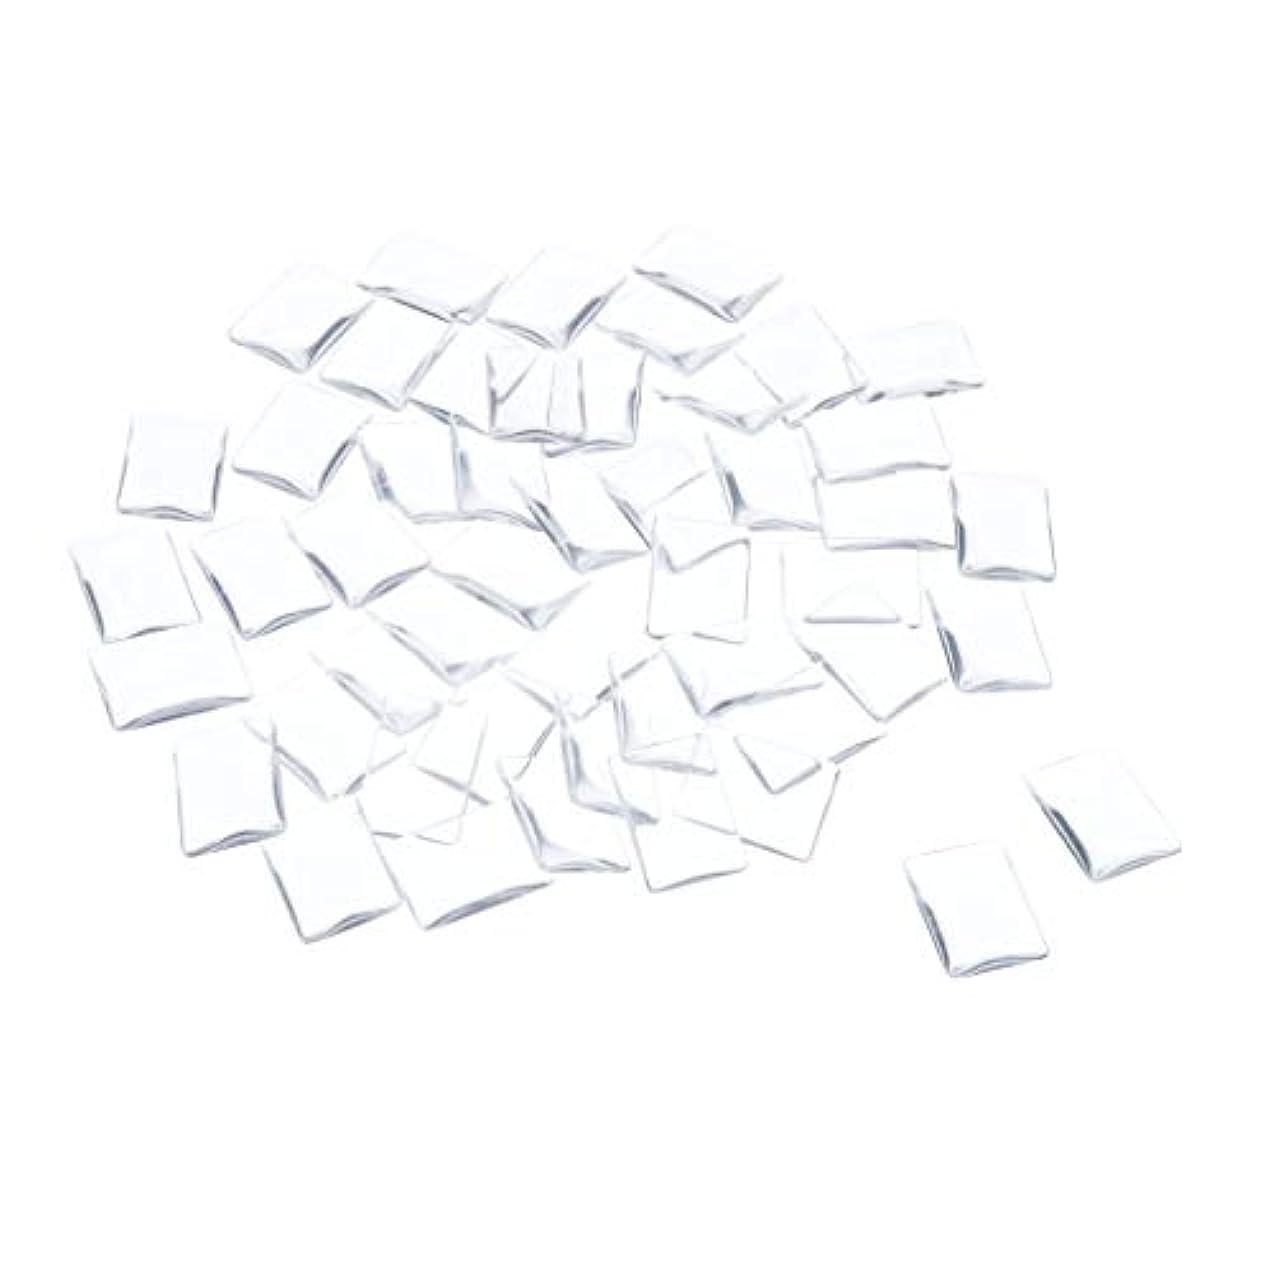 慢性的市場凝縮するSM SunniMix ネイルチップ クリア スクエア ネイルポリッシュアート カラー ディスプレイ カード チャート 全7種 - 矩形